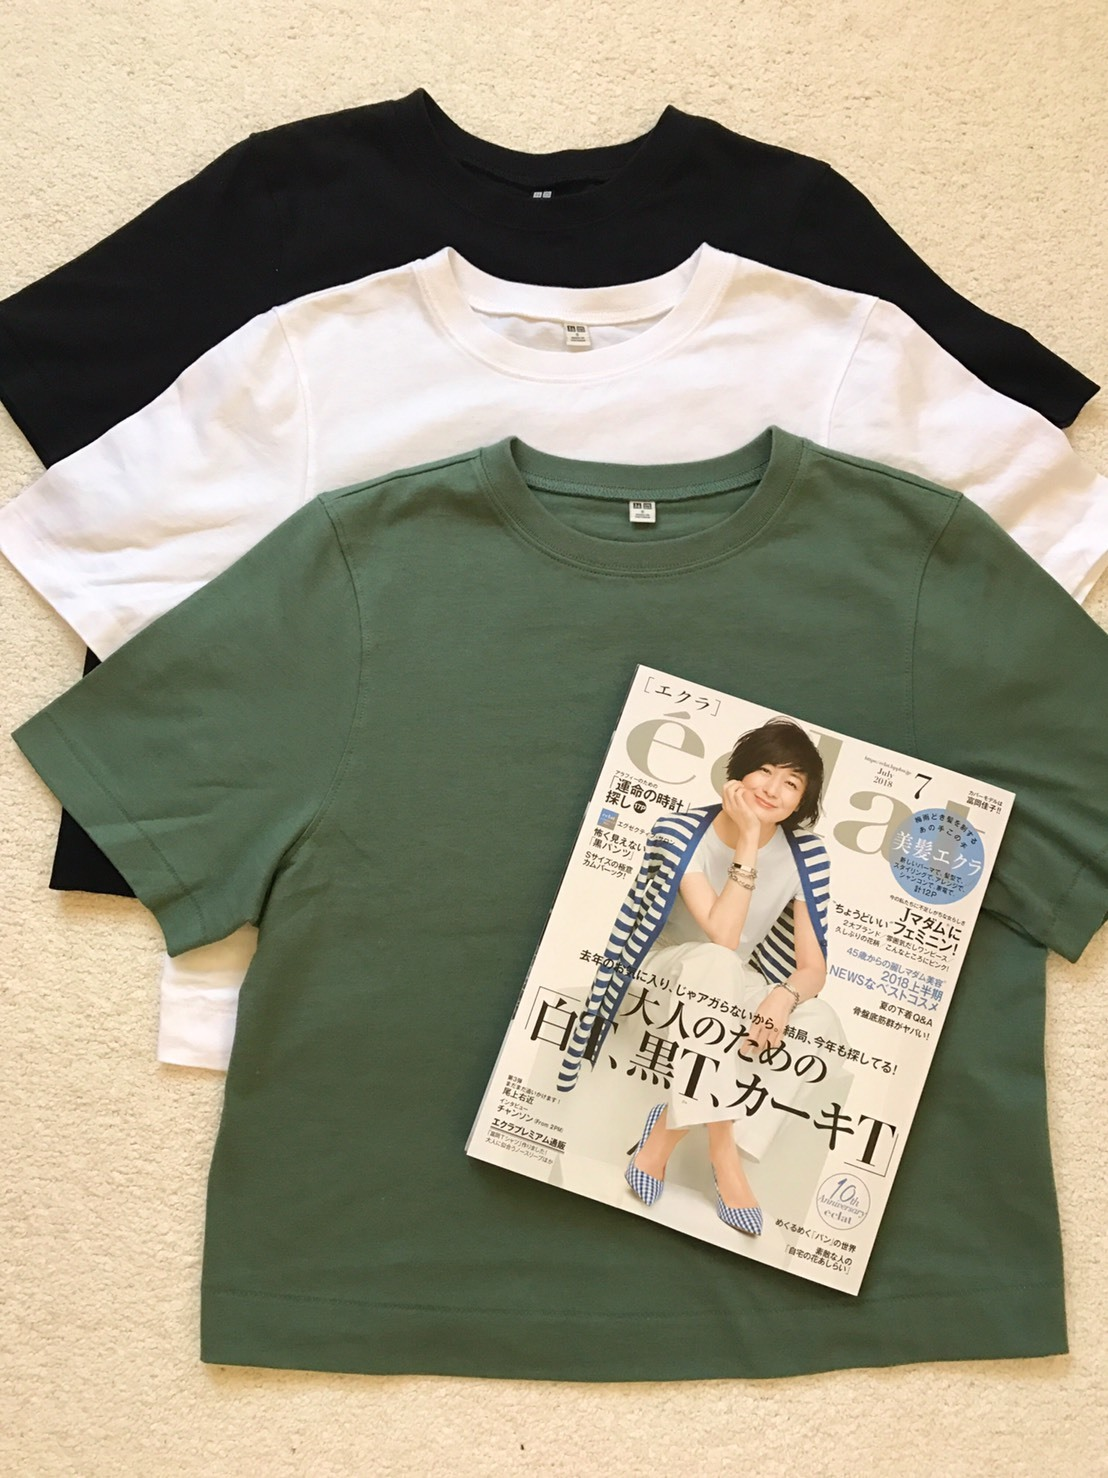 大人のイロチ買いTシャツ_1_1